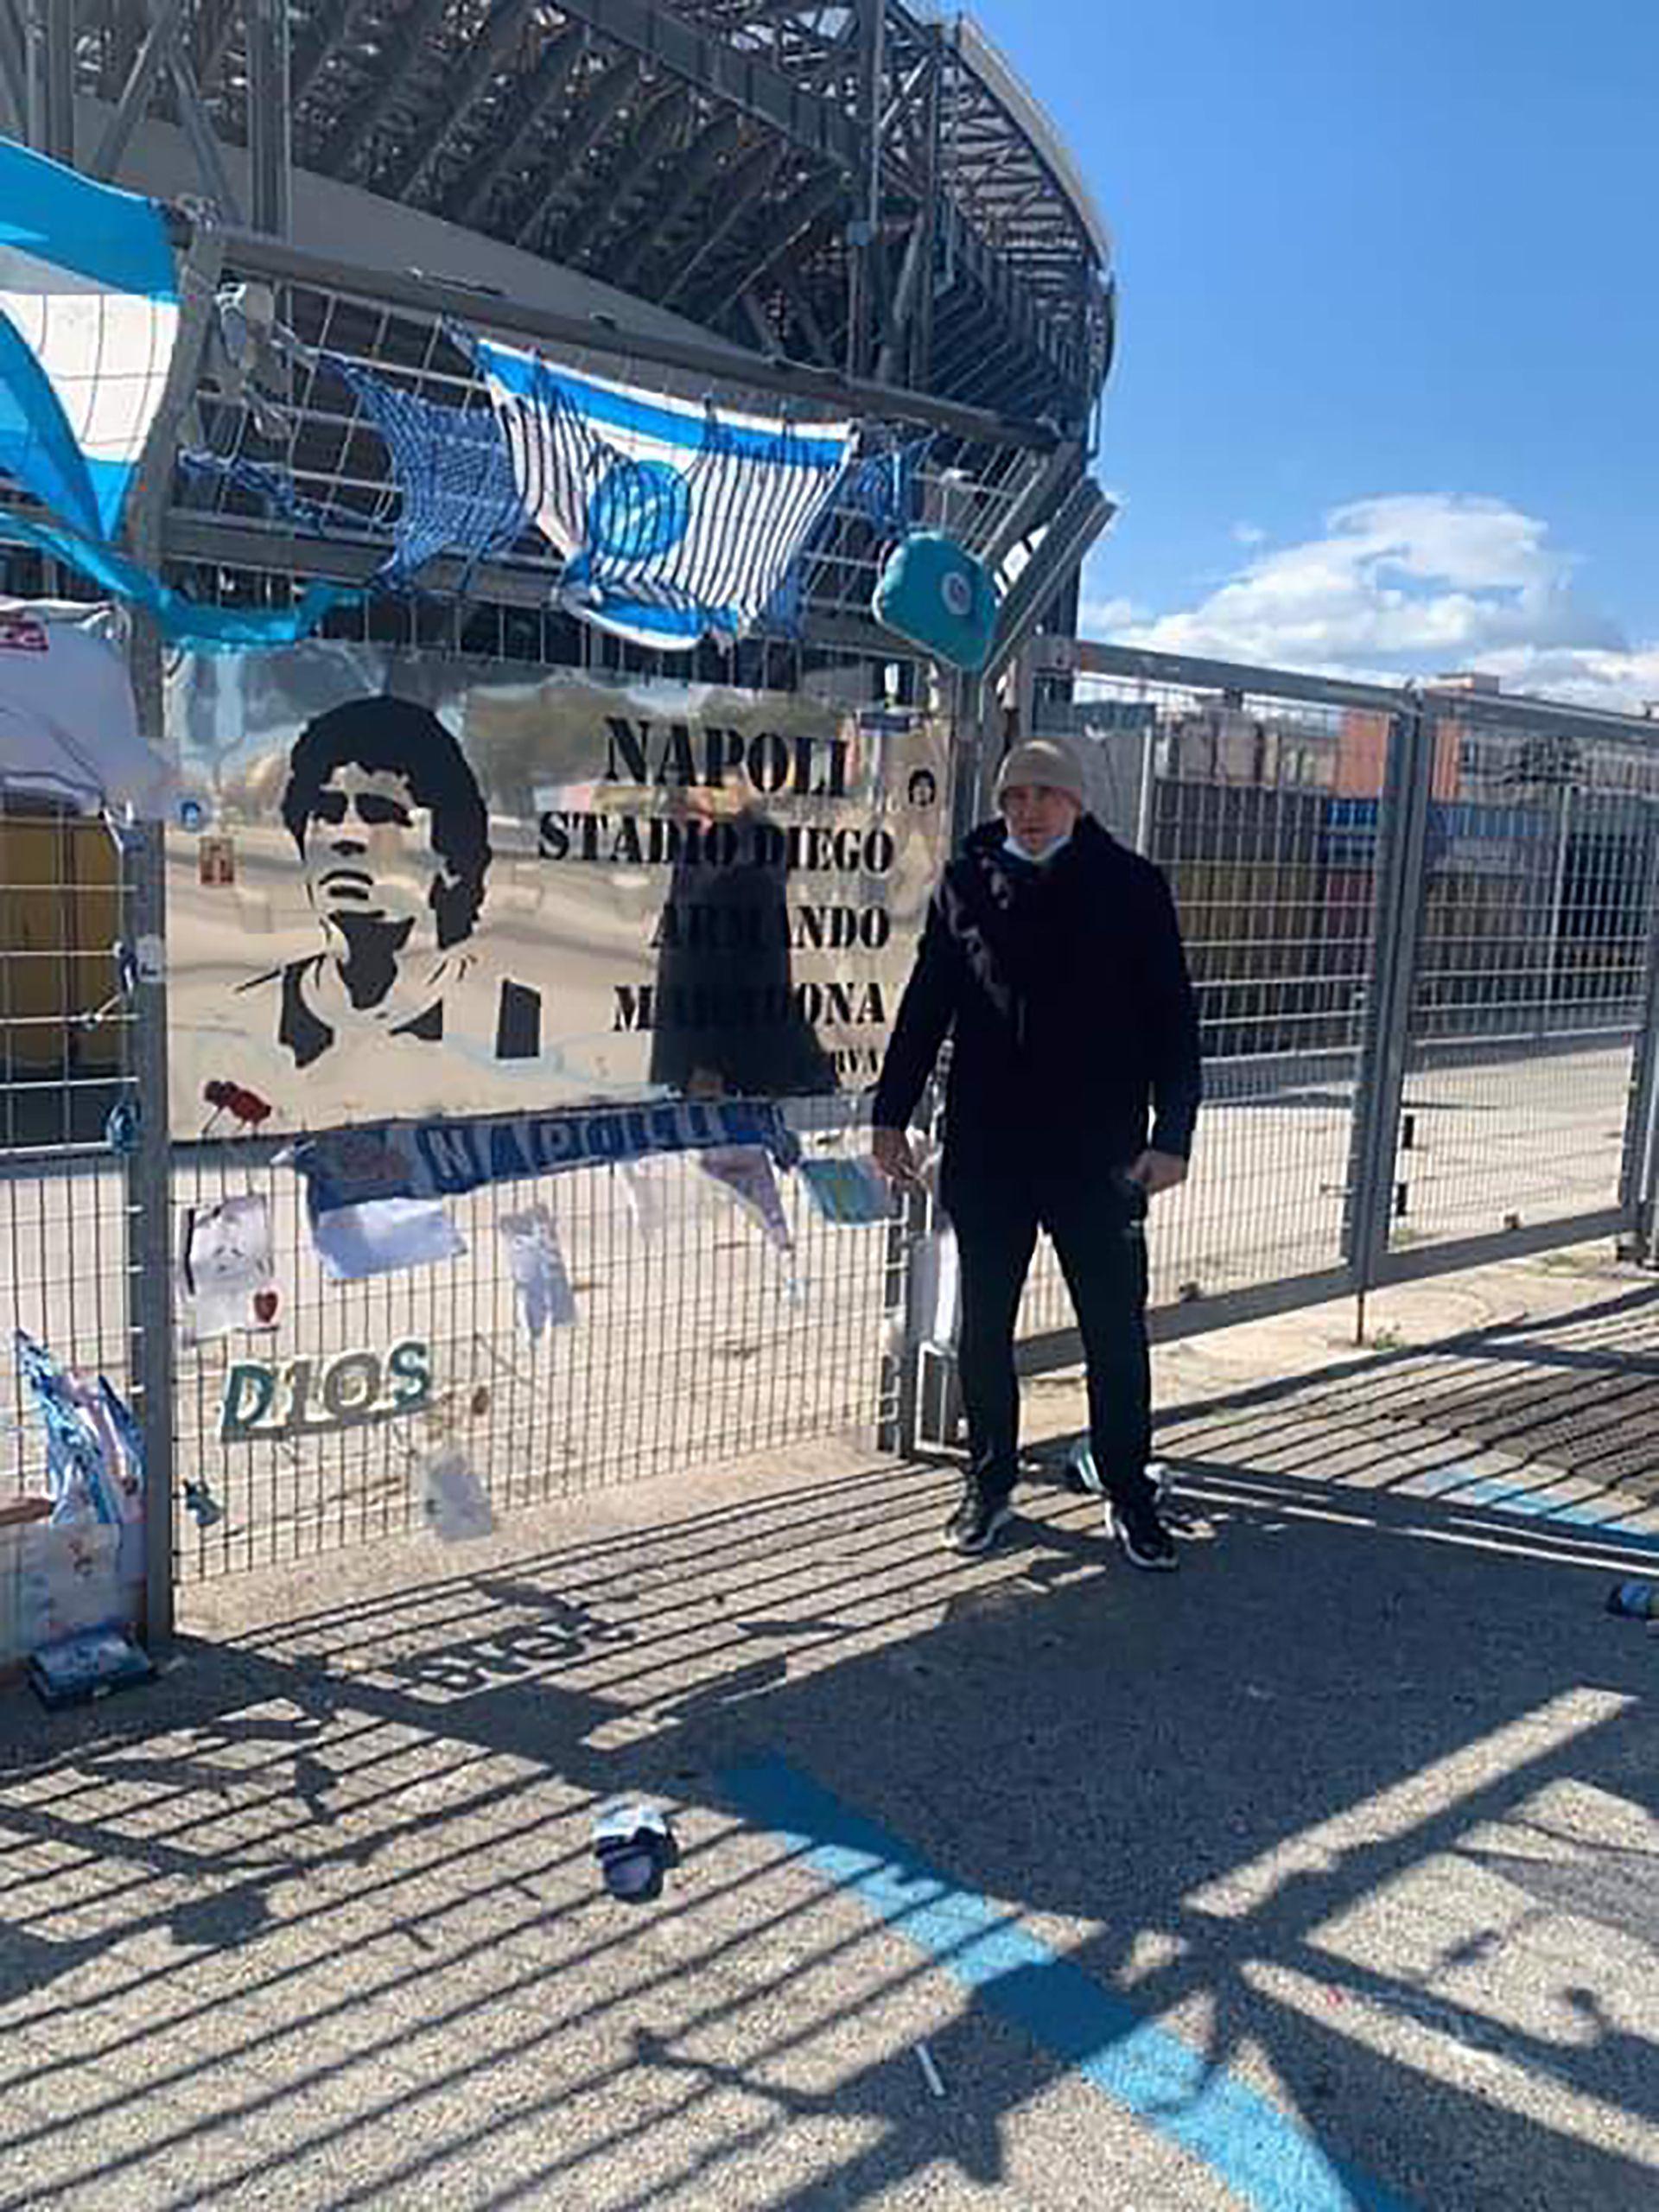 Alessandro Renica, ex compañero de Maradona en el Napoli